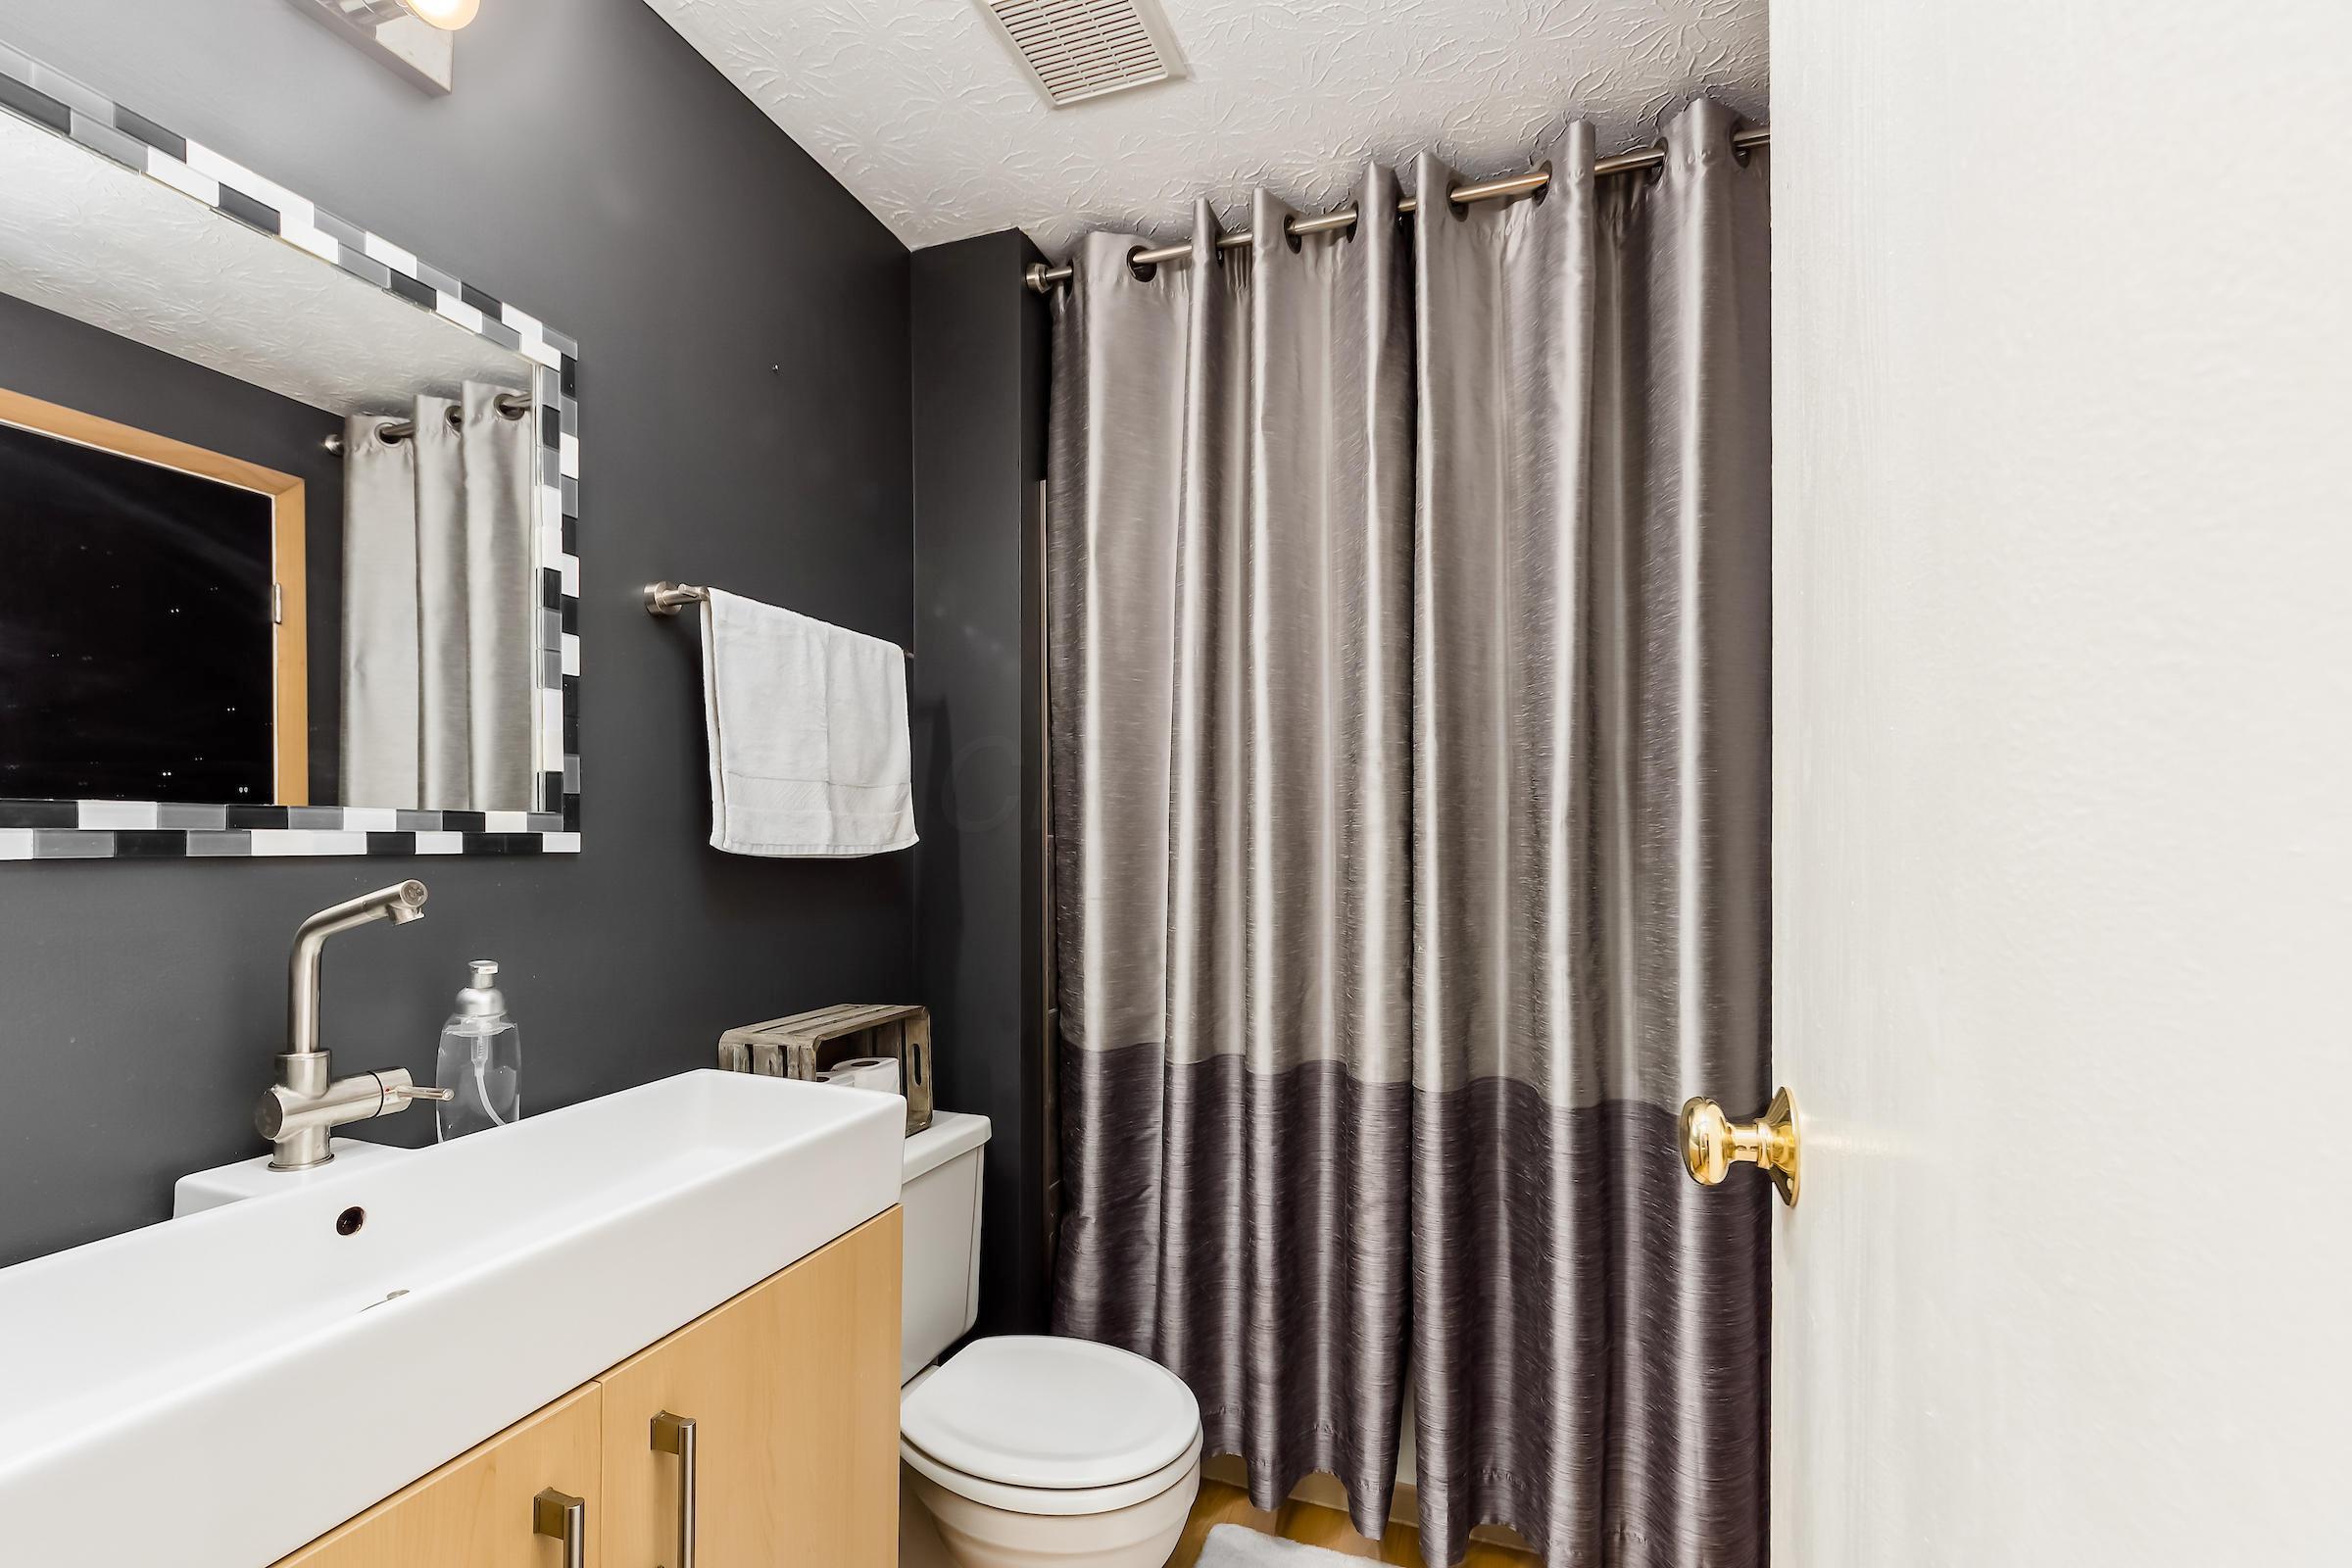 8823 Creve Coeur Lane, Powell, Ohio 43065, 3 Bedrooms Bedrooms, ,2 BathroomsBathrooms,Residential,For Sale,Creve Coeur,220020545